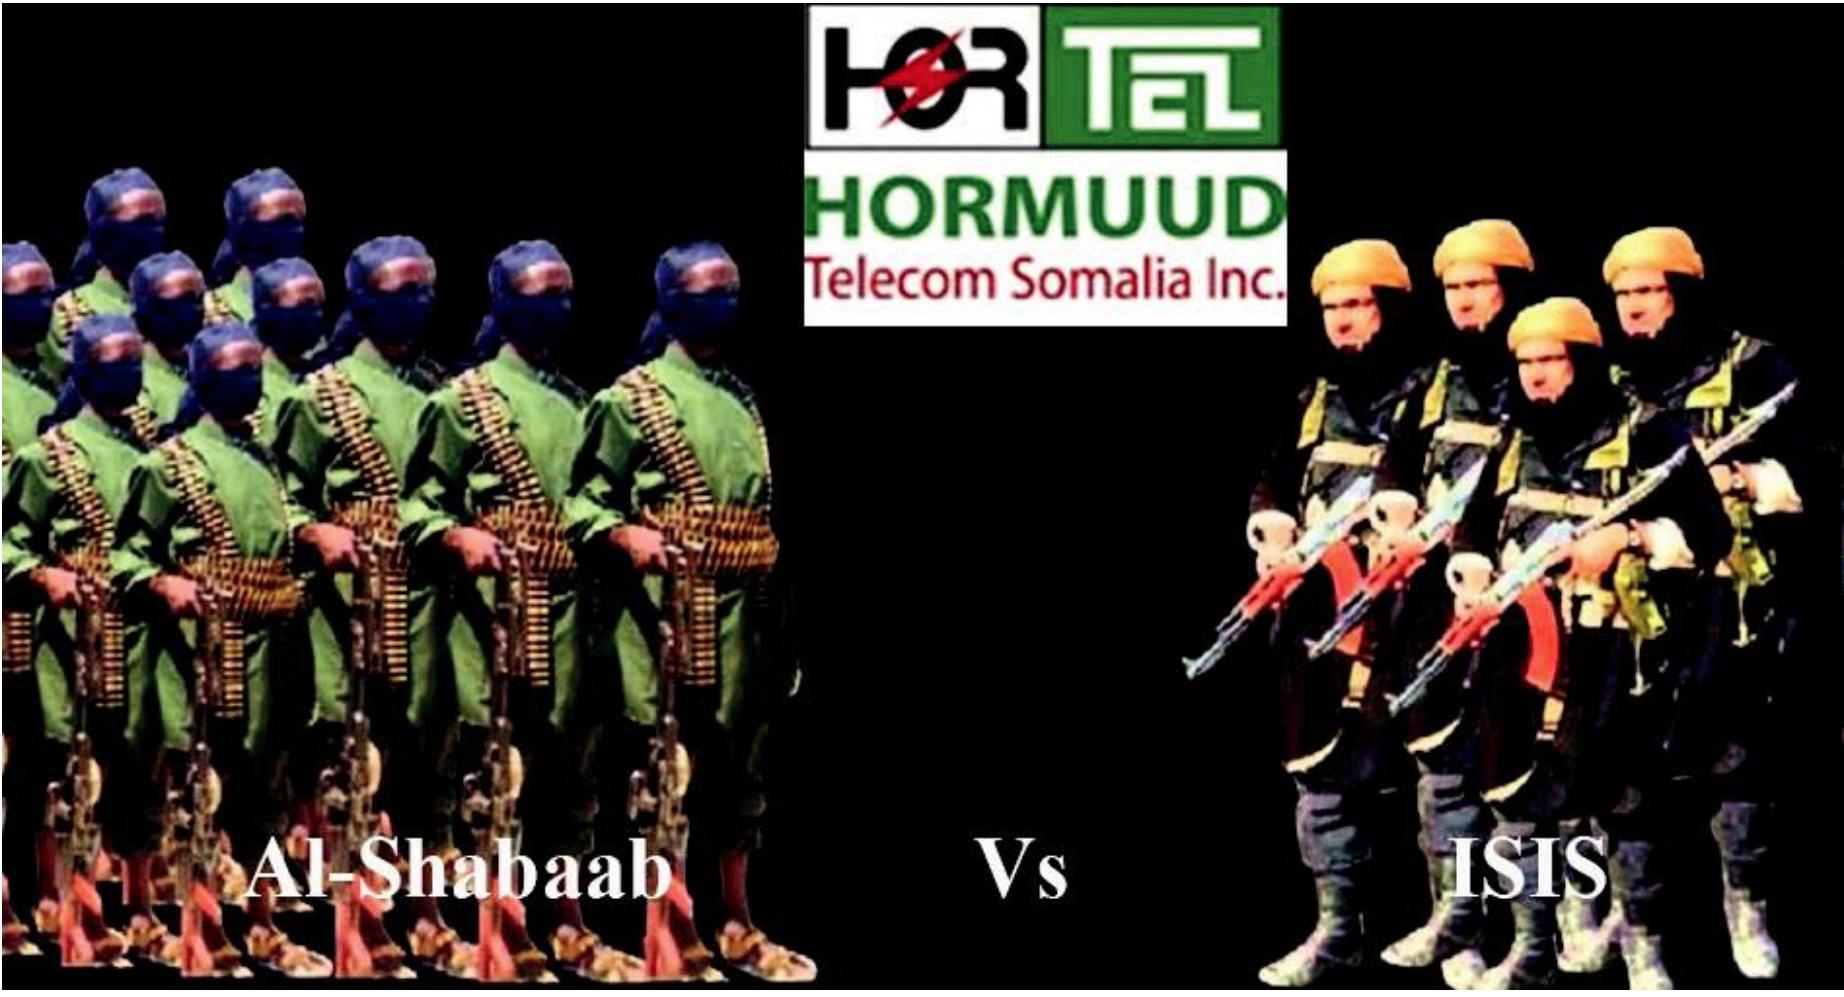 Hormuud telecom Caught between Al-Shabaab-ISIS Rivalry in Somalia